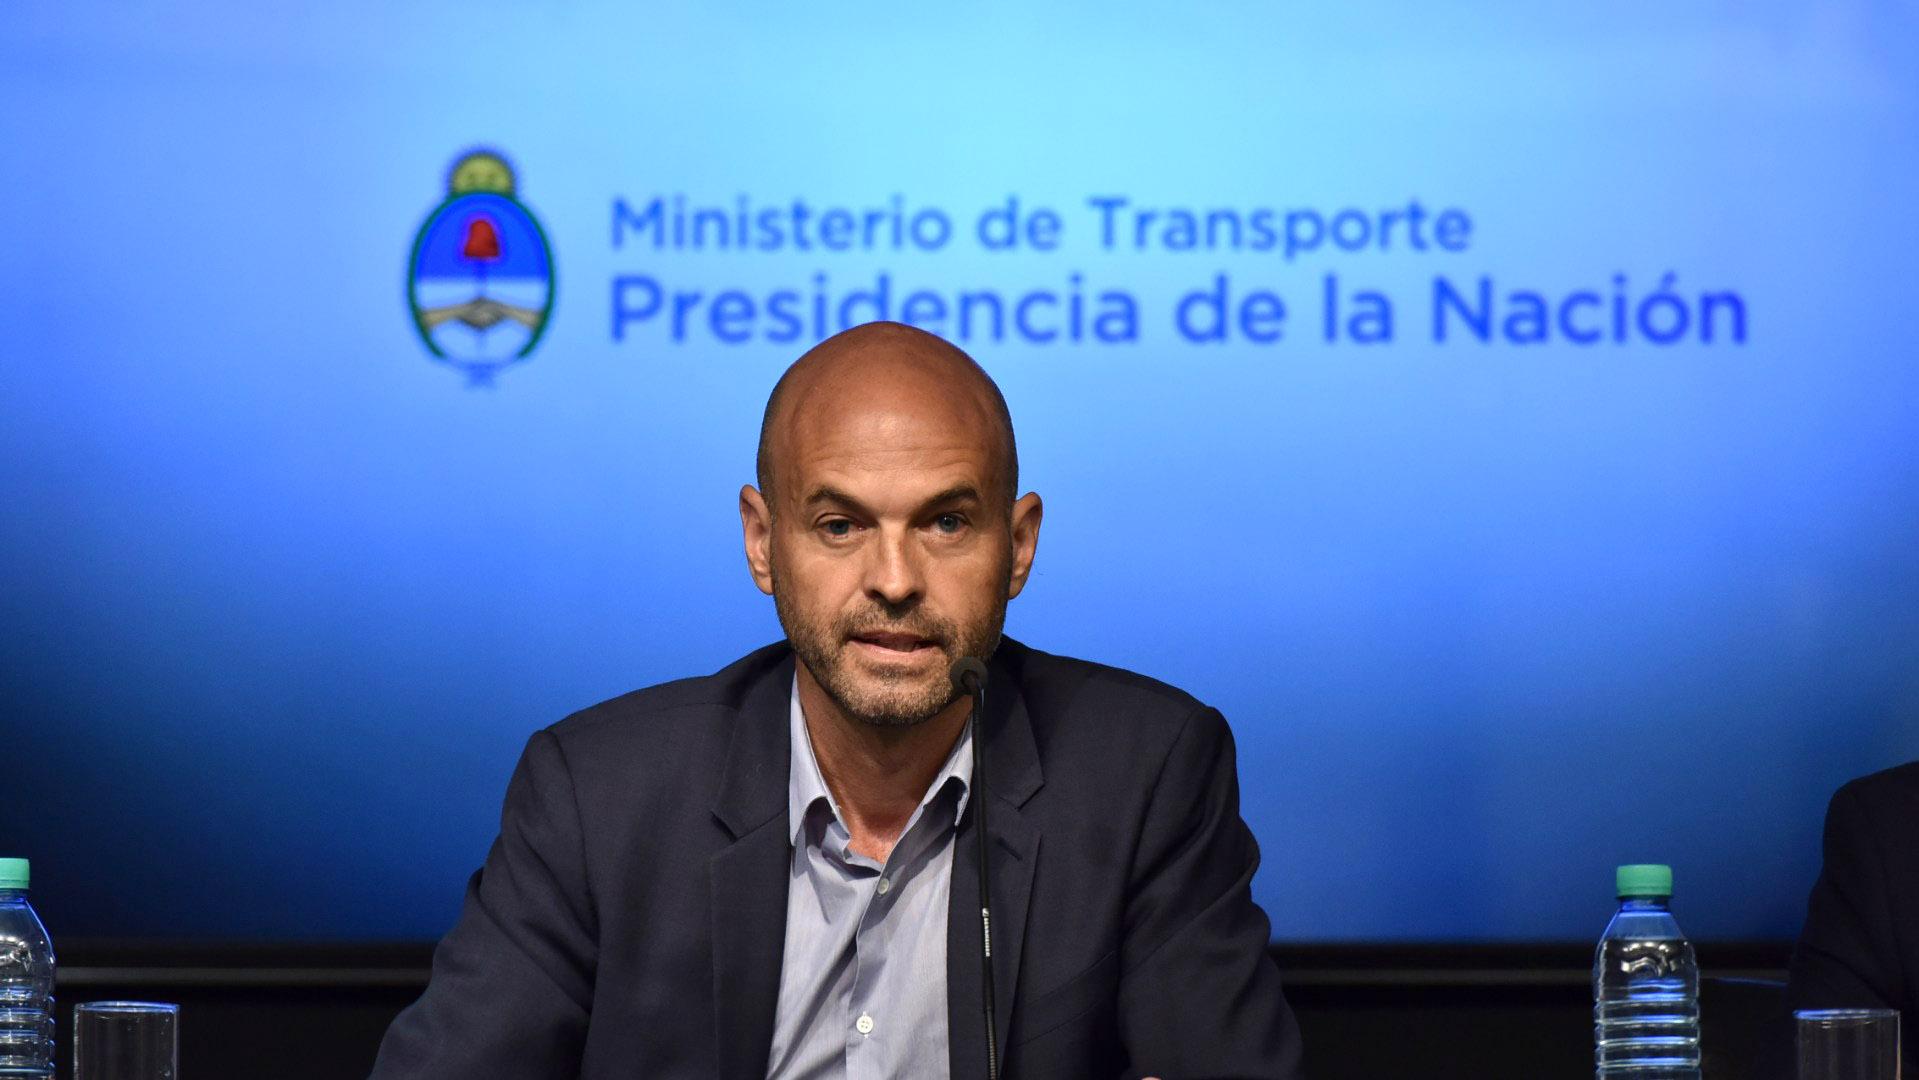 El anuncio de los aumentos que comenzarán el jueves fue realizado por el gobierno el 3 de enero (Adrián Escandar)